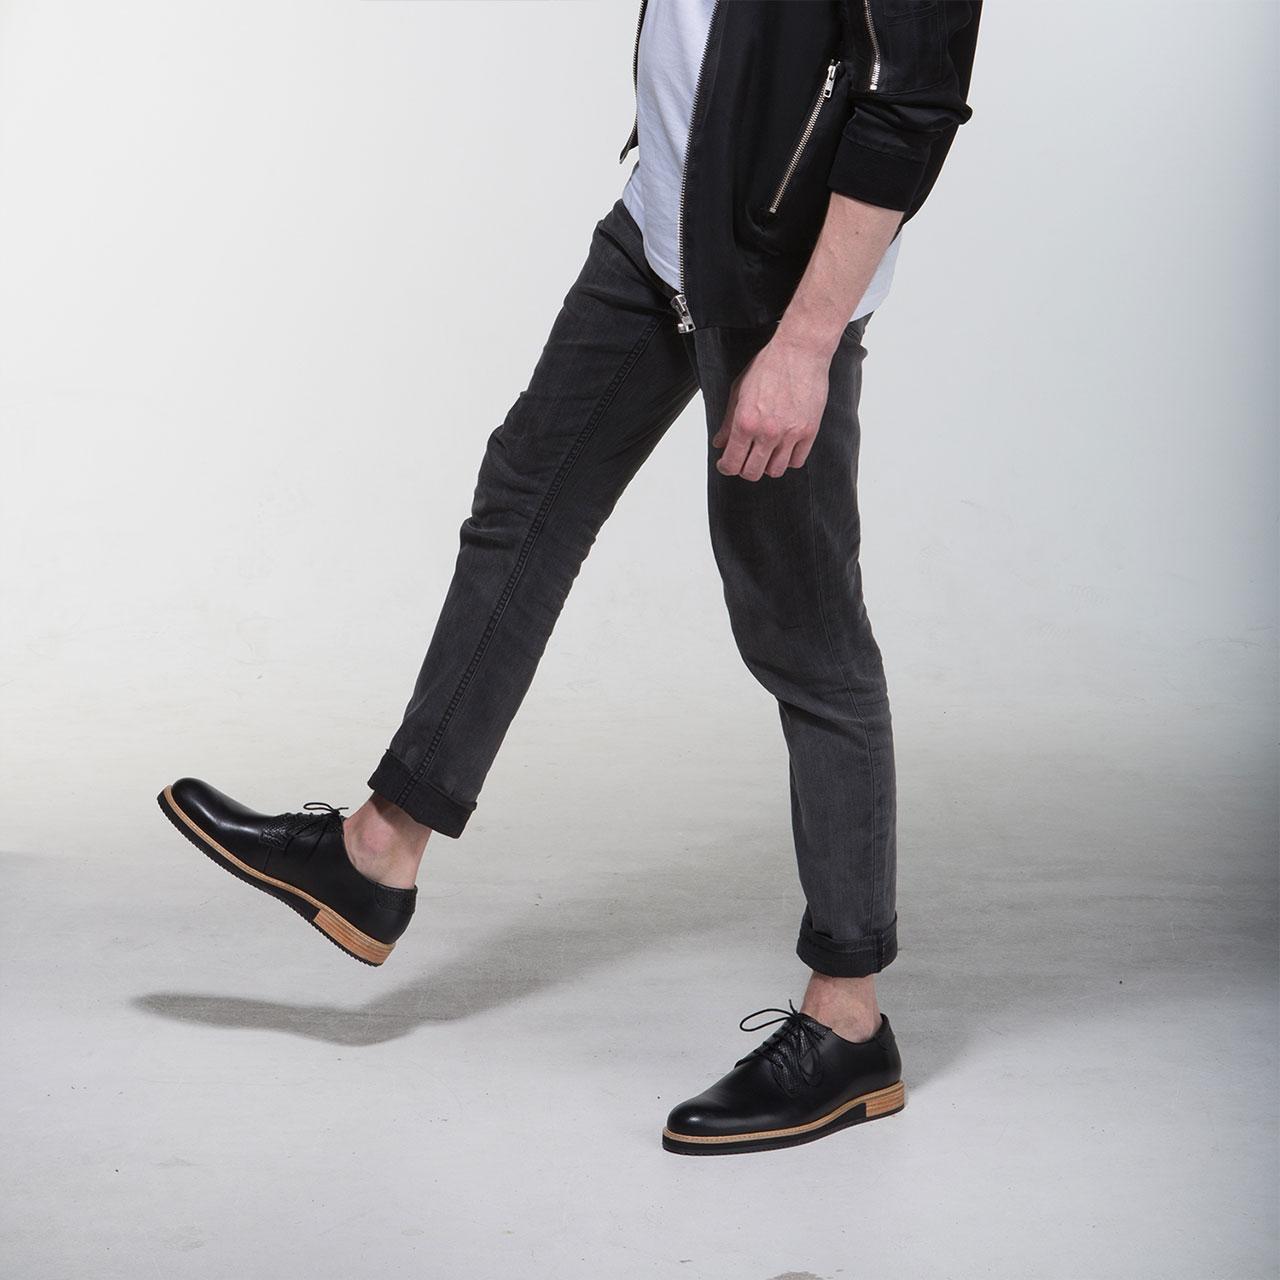 Derbies Shoes Black Alpha Low | Subtle